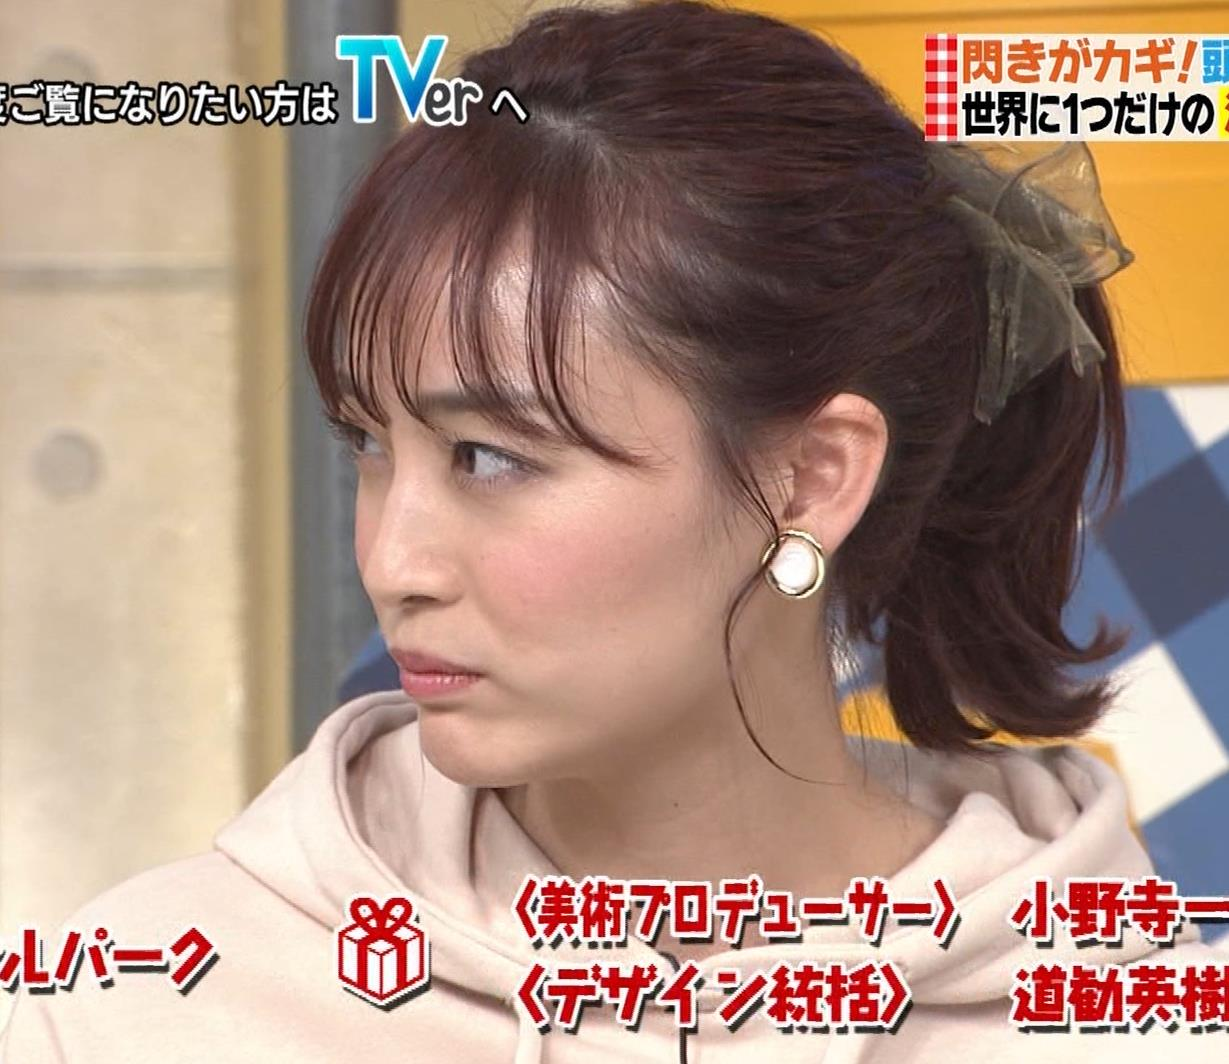 新井絵理奈 かわいいポニーテール&ちょっと胸が目立つキャプ・エロ画像19